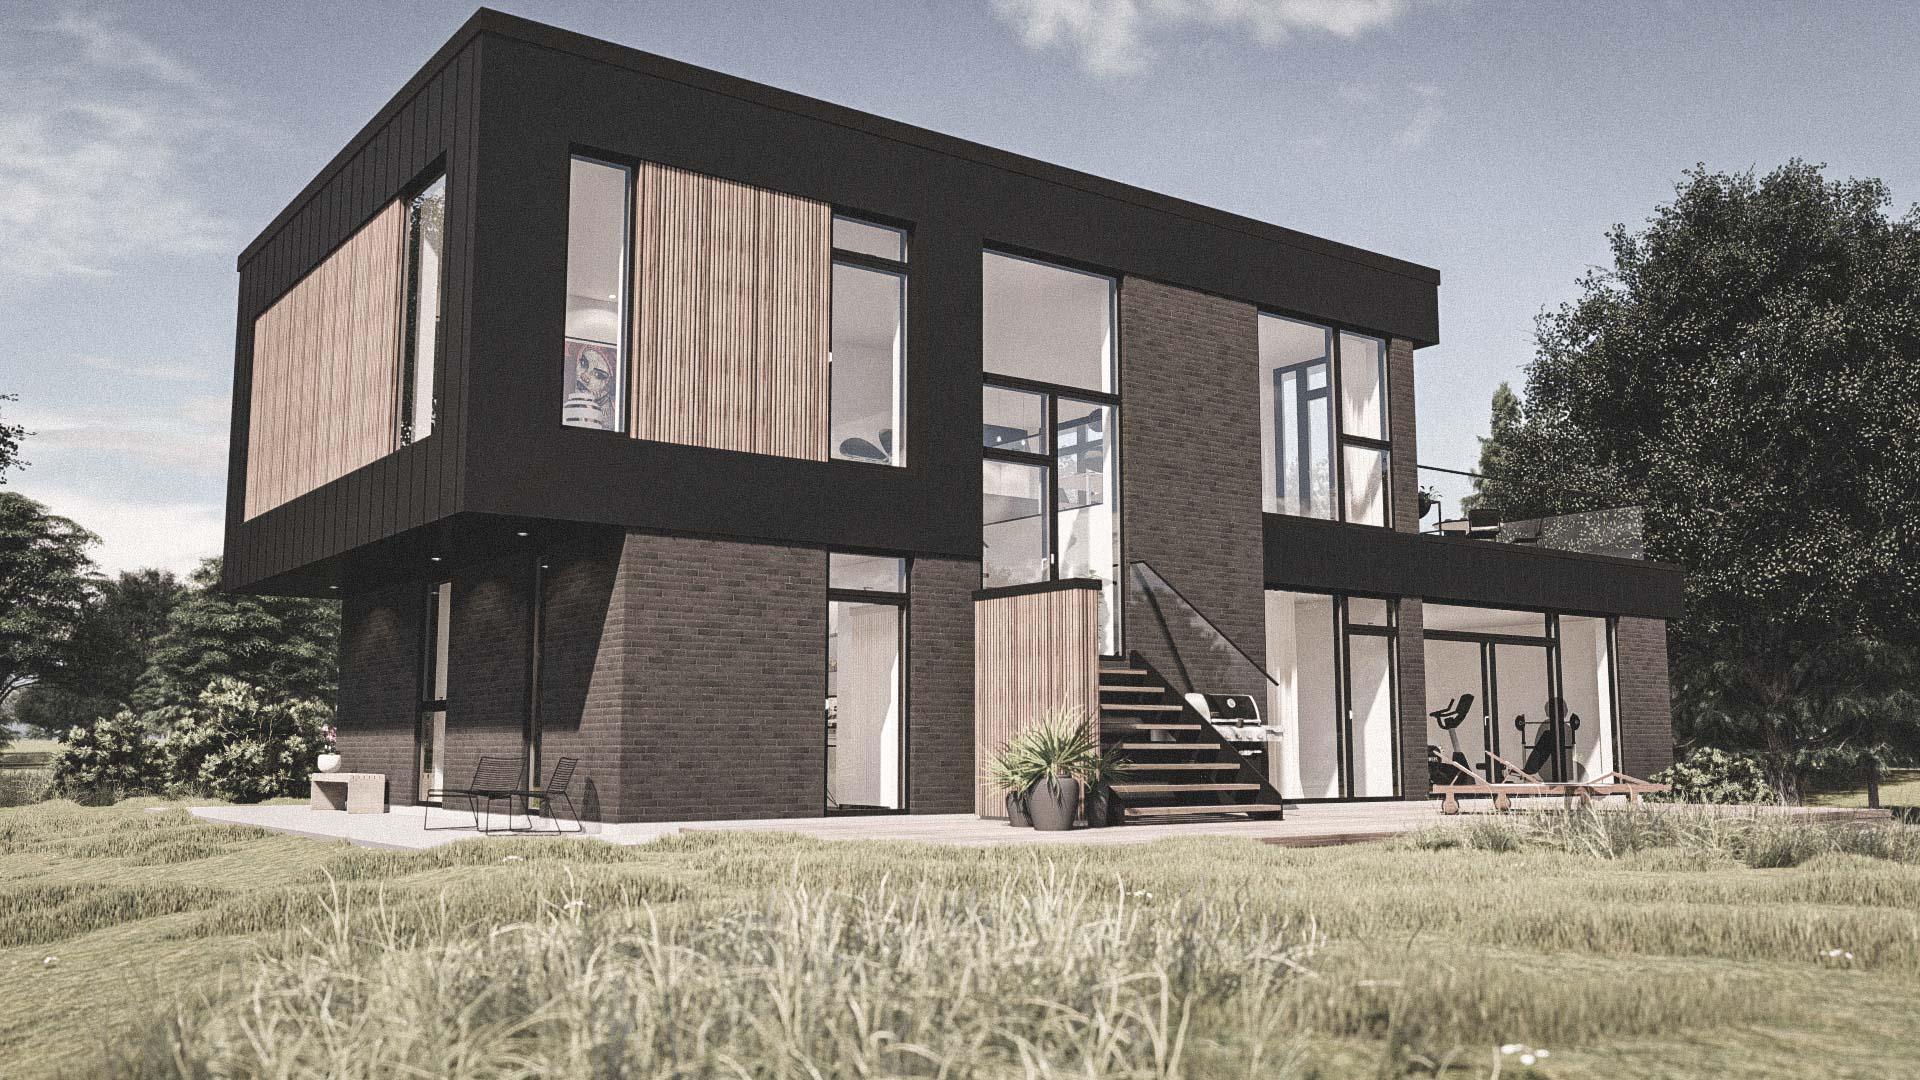 Billede af et arkitekt tegnet projektforslag af ny 2plans drømme villa i Viborg, af det danske arkitektfirma m2plus